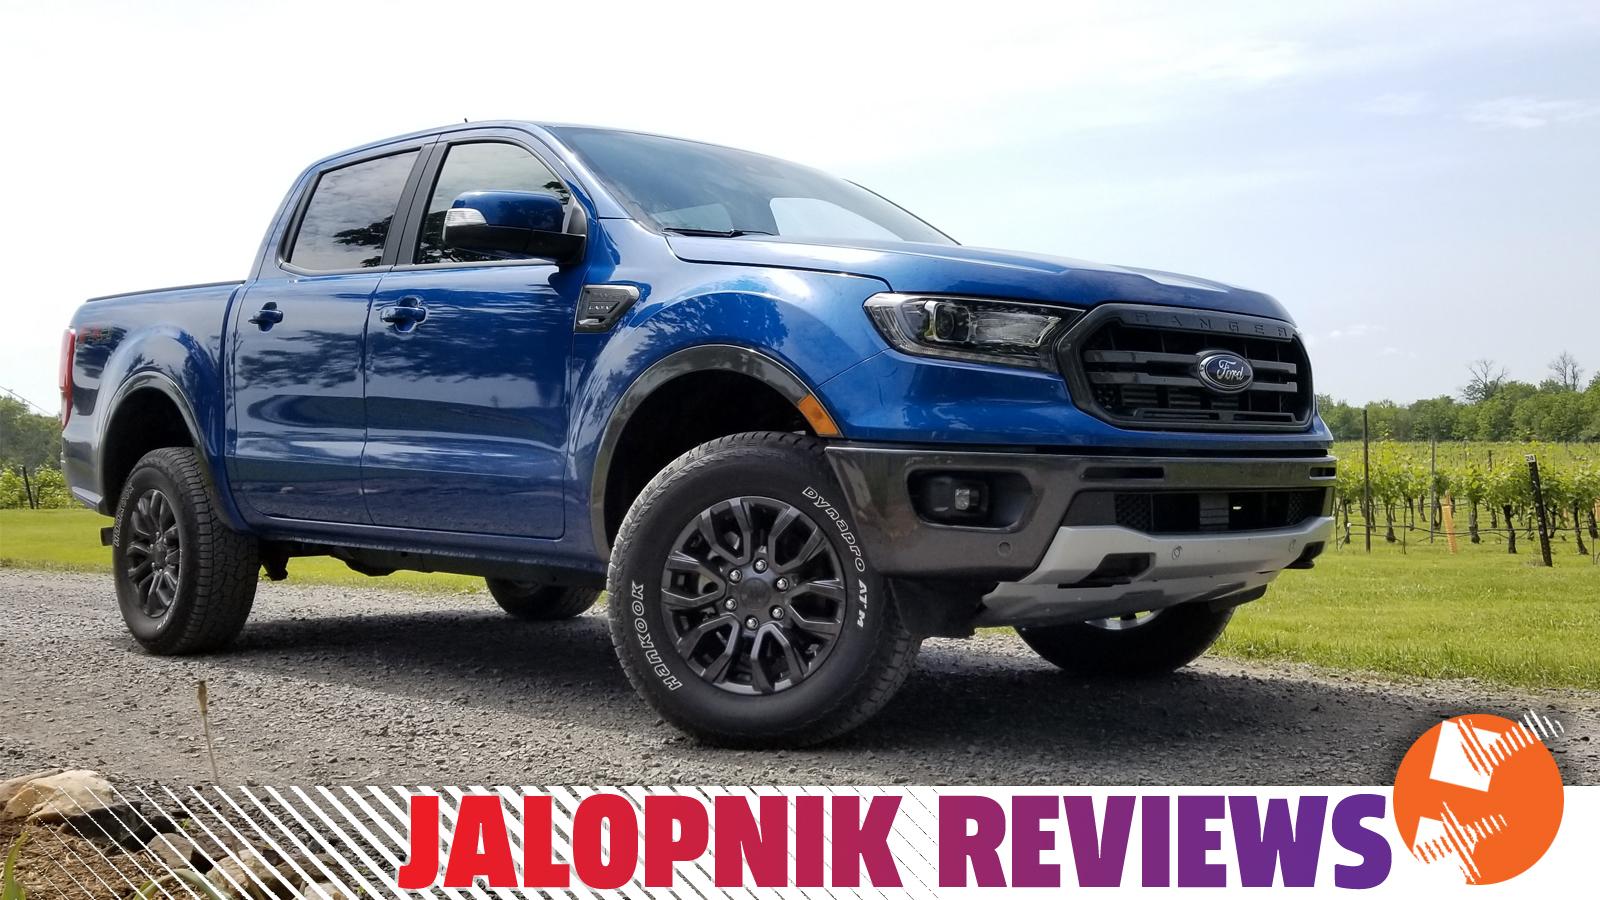 2019-ford-ranger-jalopnik-review.jpg